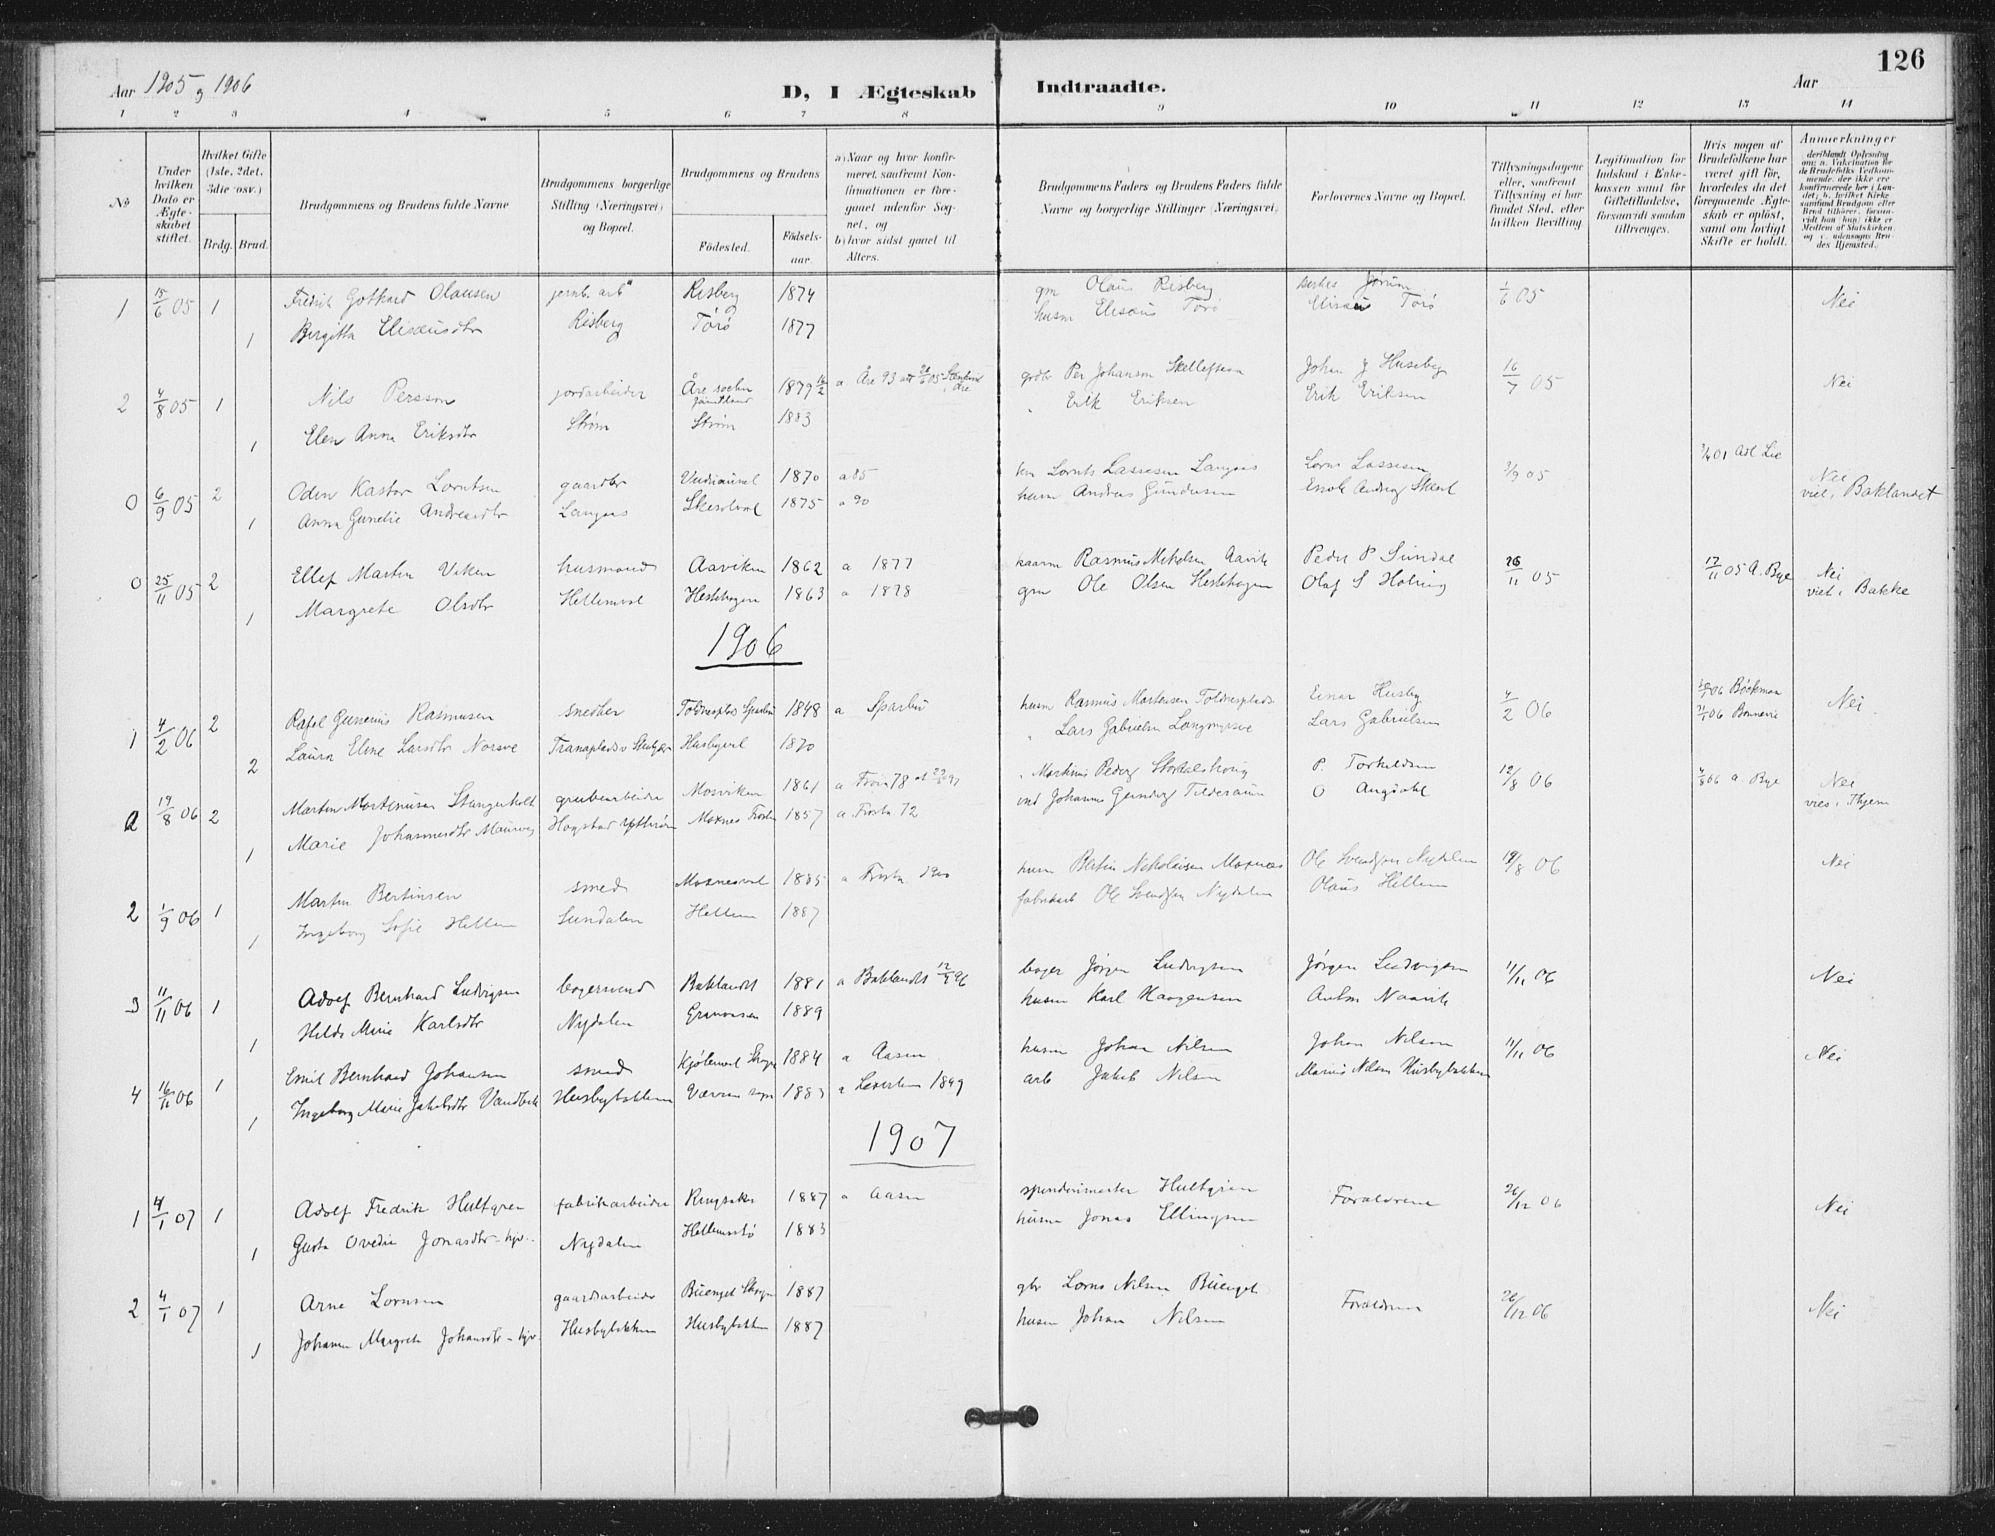 SAT, Ministerialprotokoller, klokkerbøker og fødselsregistre - Nord-Trøndelag, 714/L0131: Ministerialbok nr. 714A02, 1896-1918, s. 126